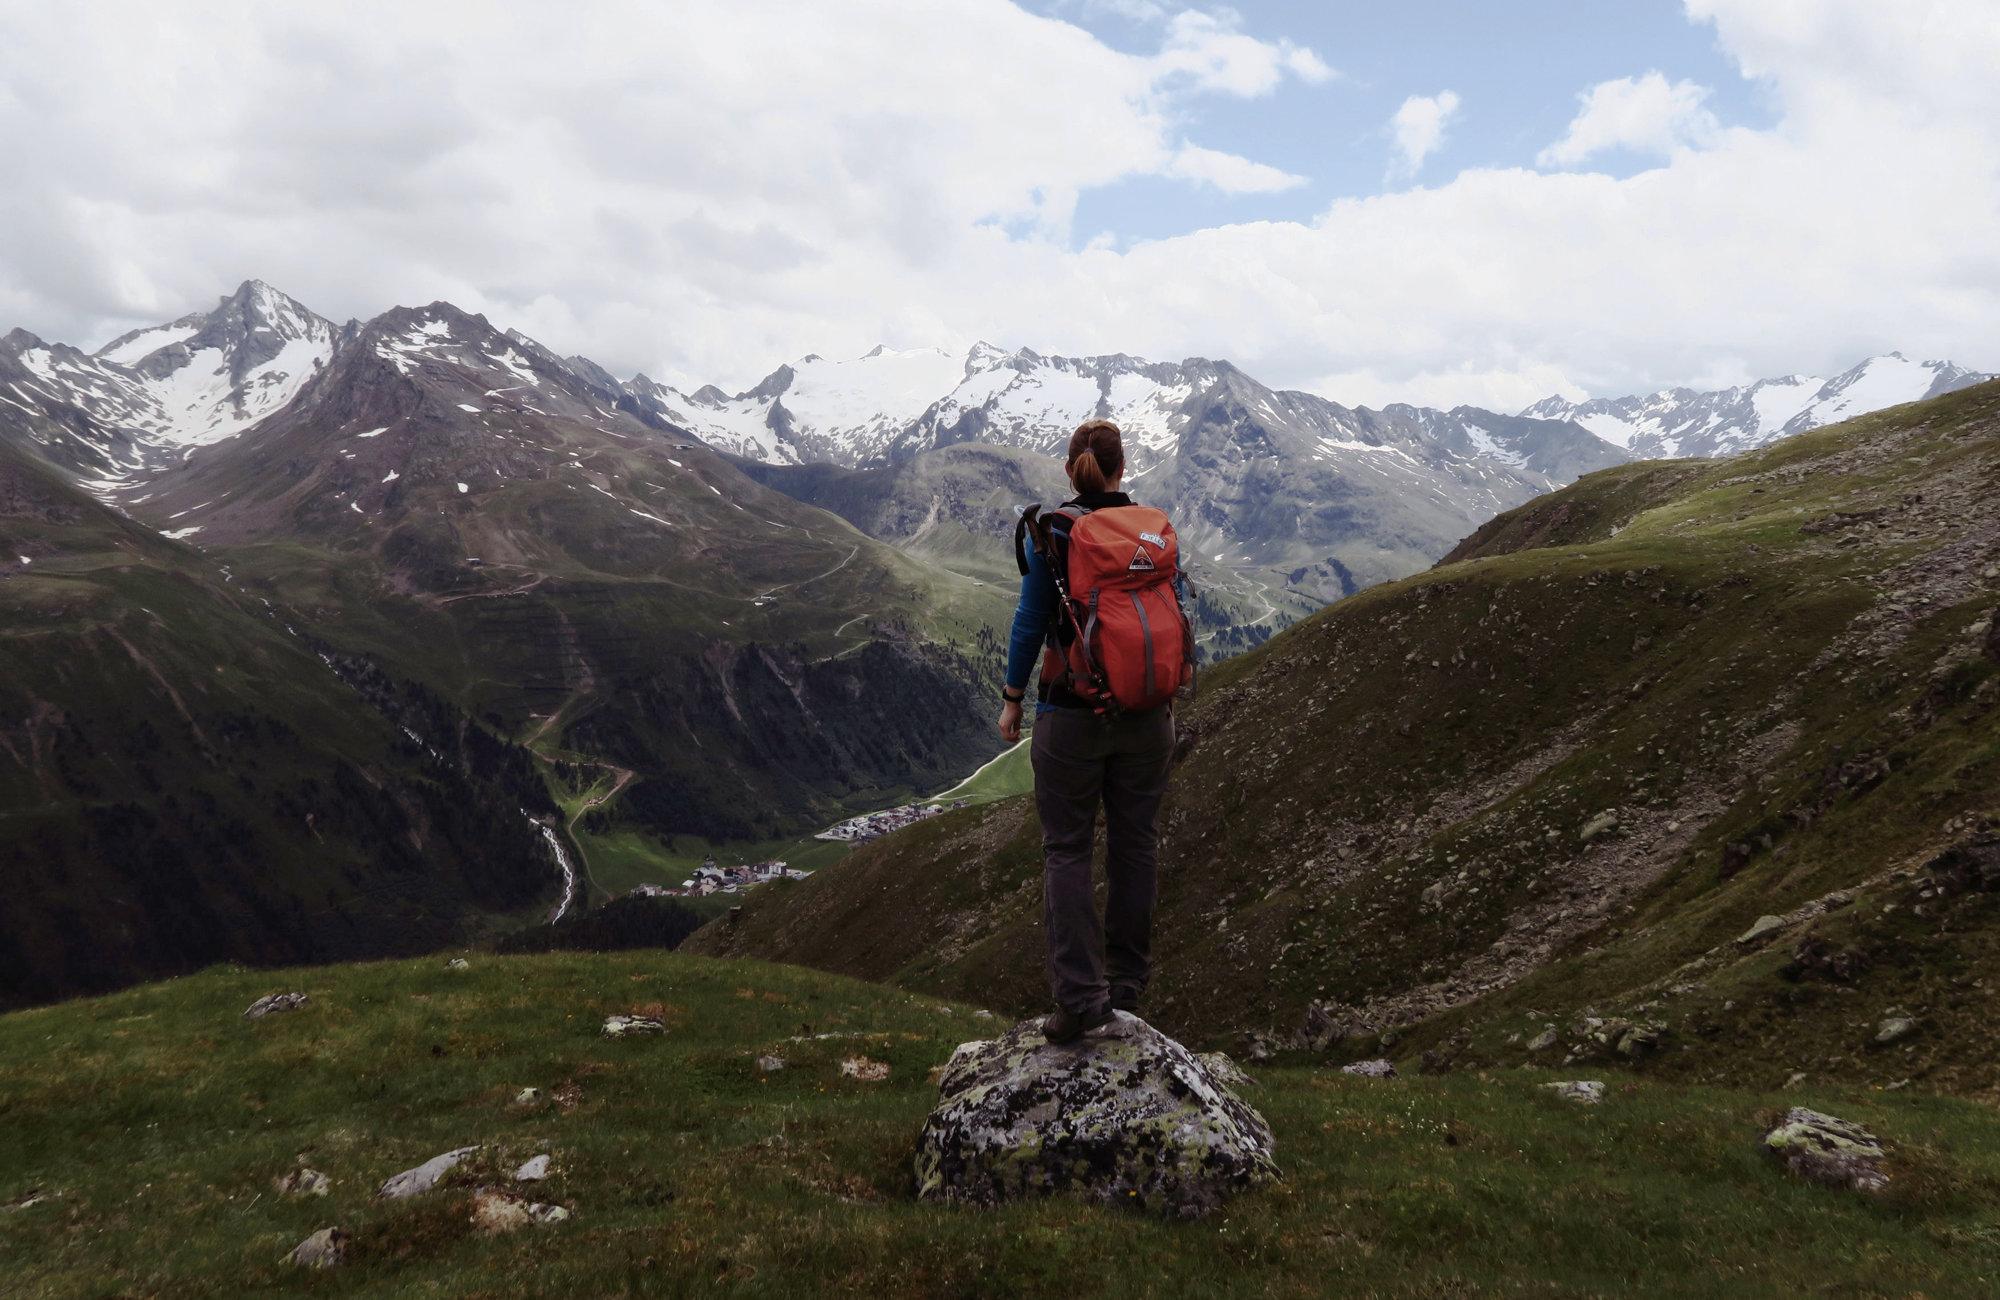 Ausblick auf der Wandertour Seenplatte, Wandern im Ötztal, Wandertour Ötztal, Ötztaler Alpen, Bergwandern, Tirol, Lenzenalm, Nedersee, Sohmsee